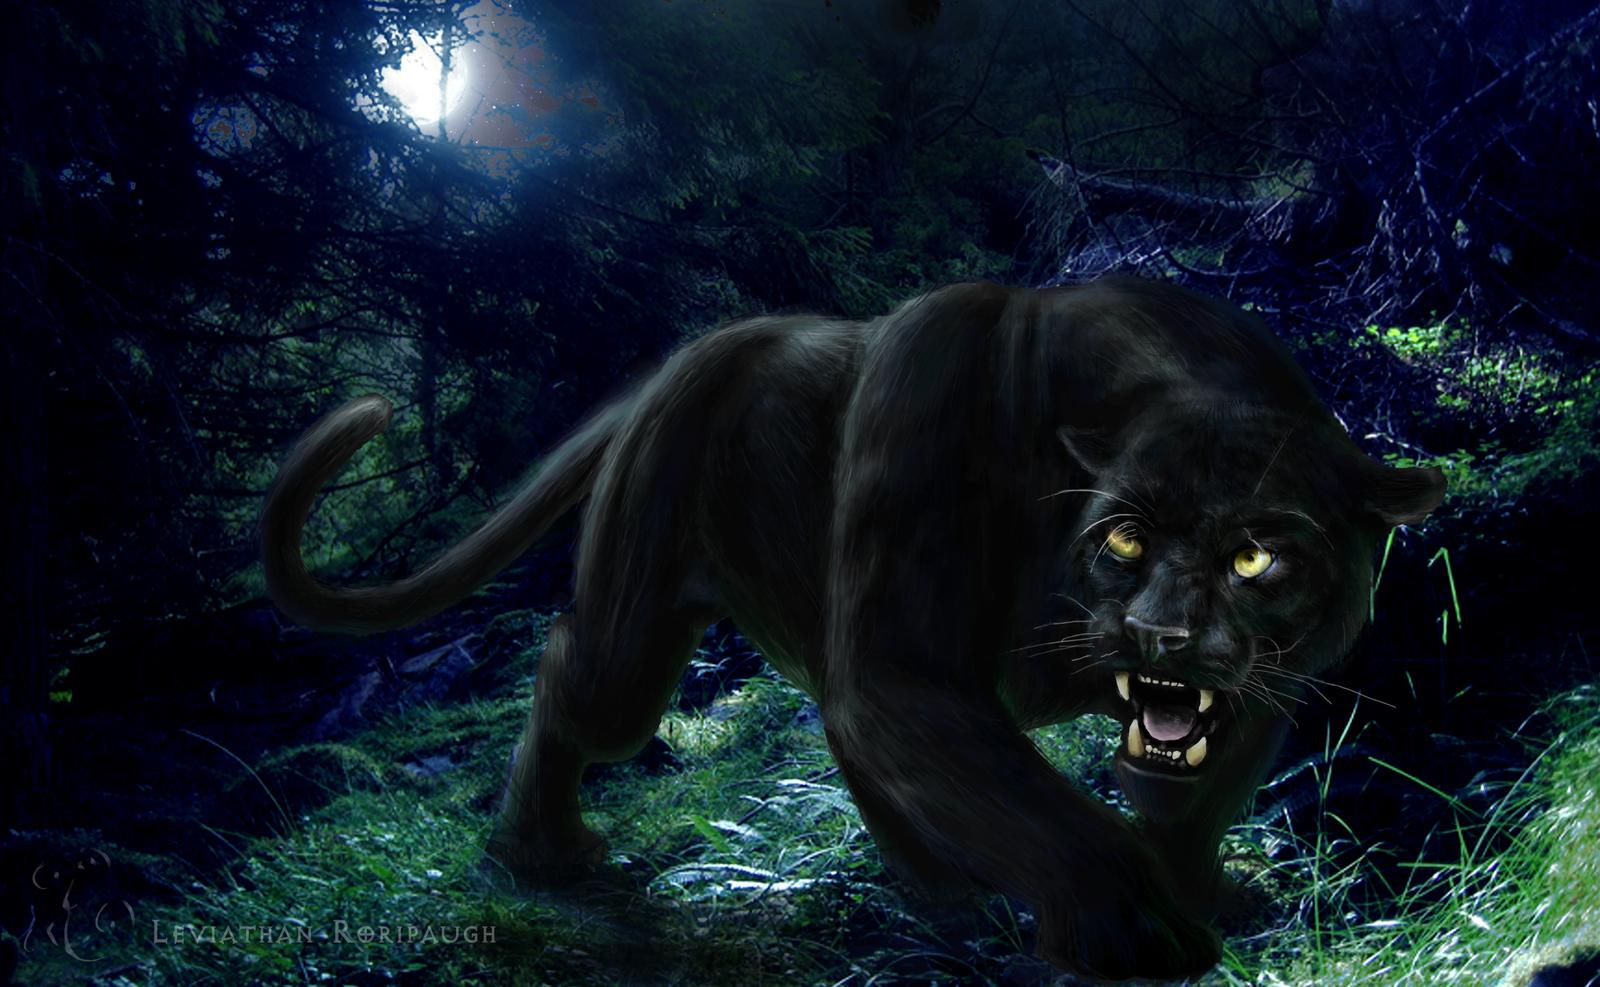 74 Black Panther Wallpaper On Wallpapersafari